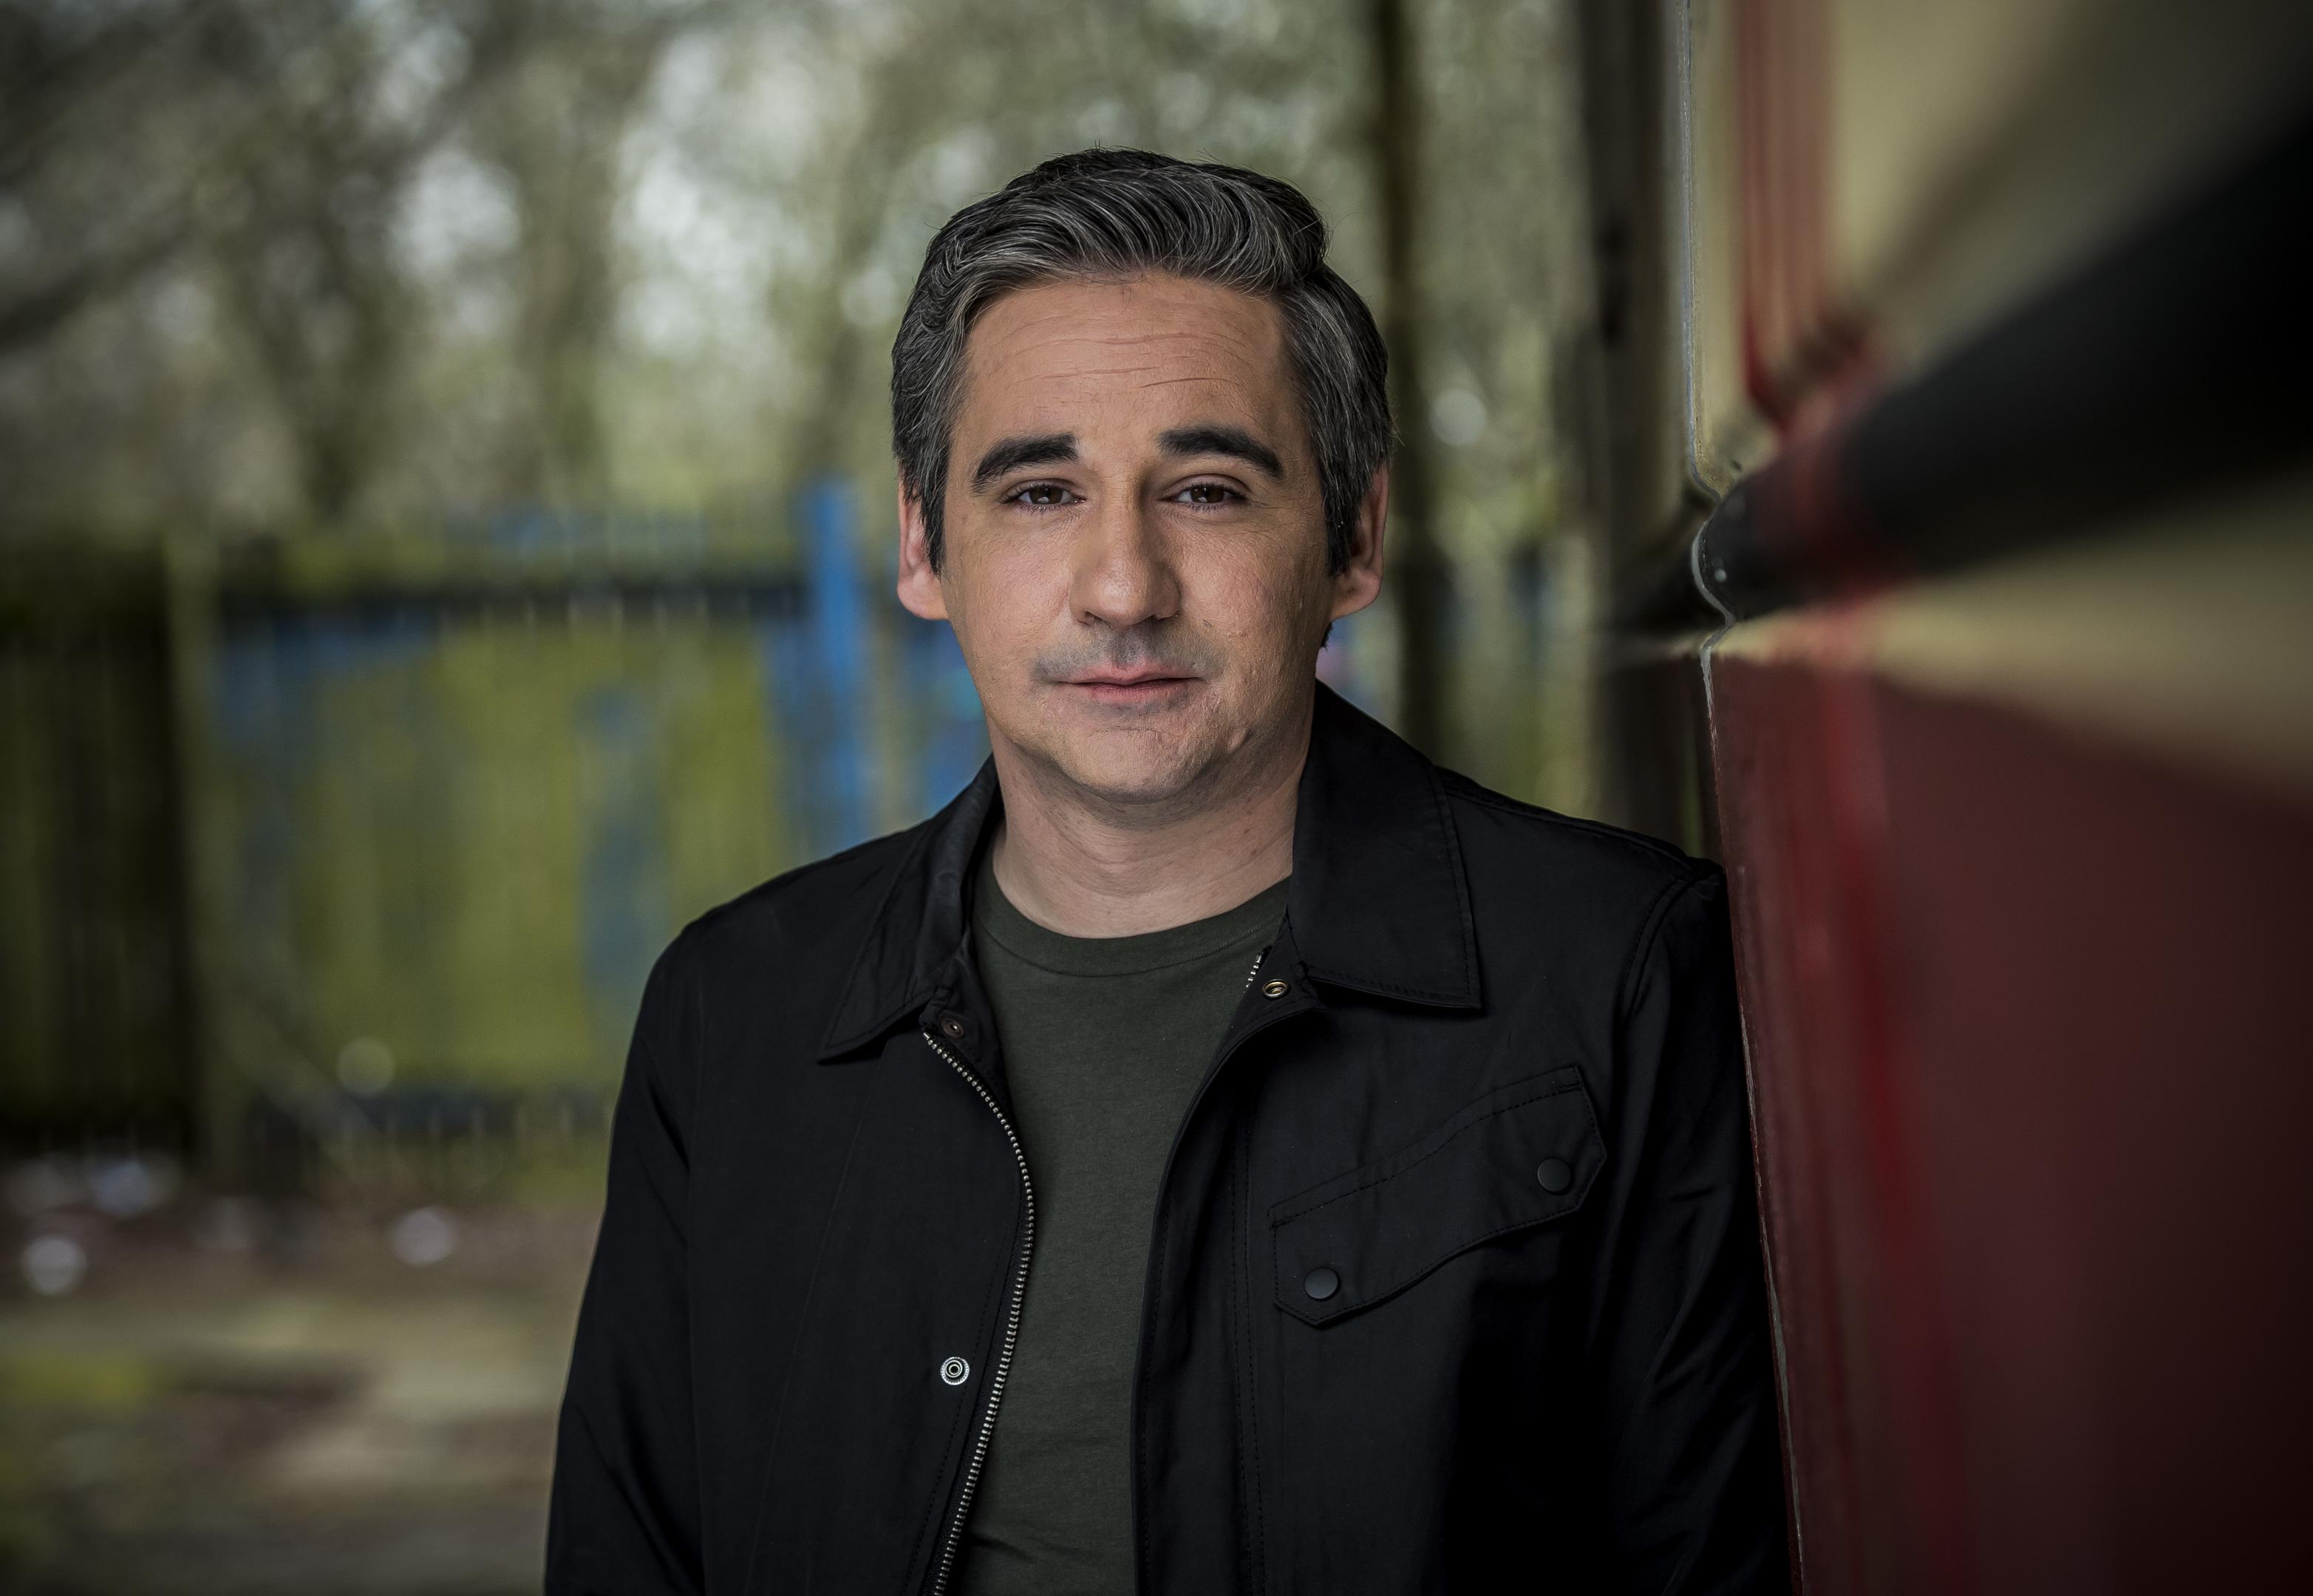 Iain Robertson (born 1981) Iain Robertson (born 1981) new pictures